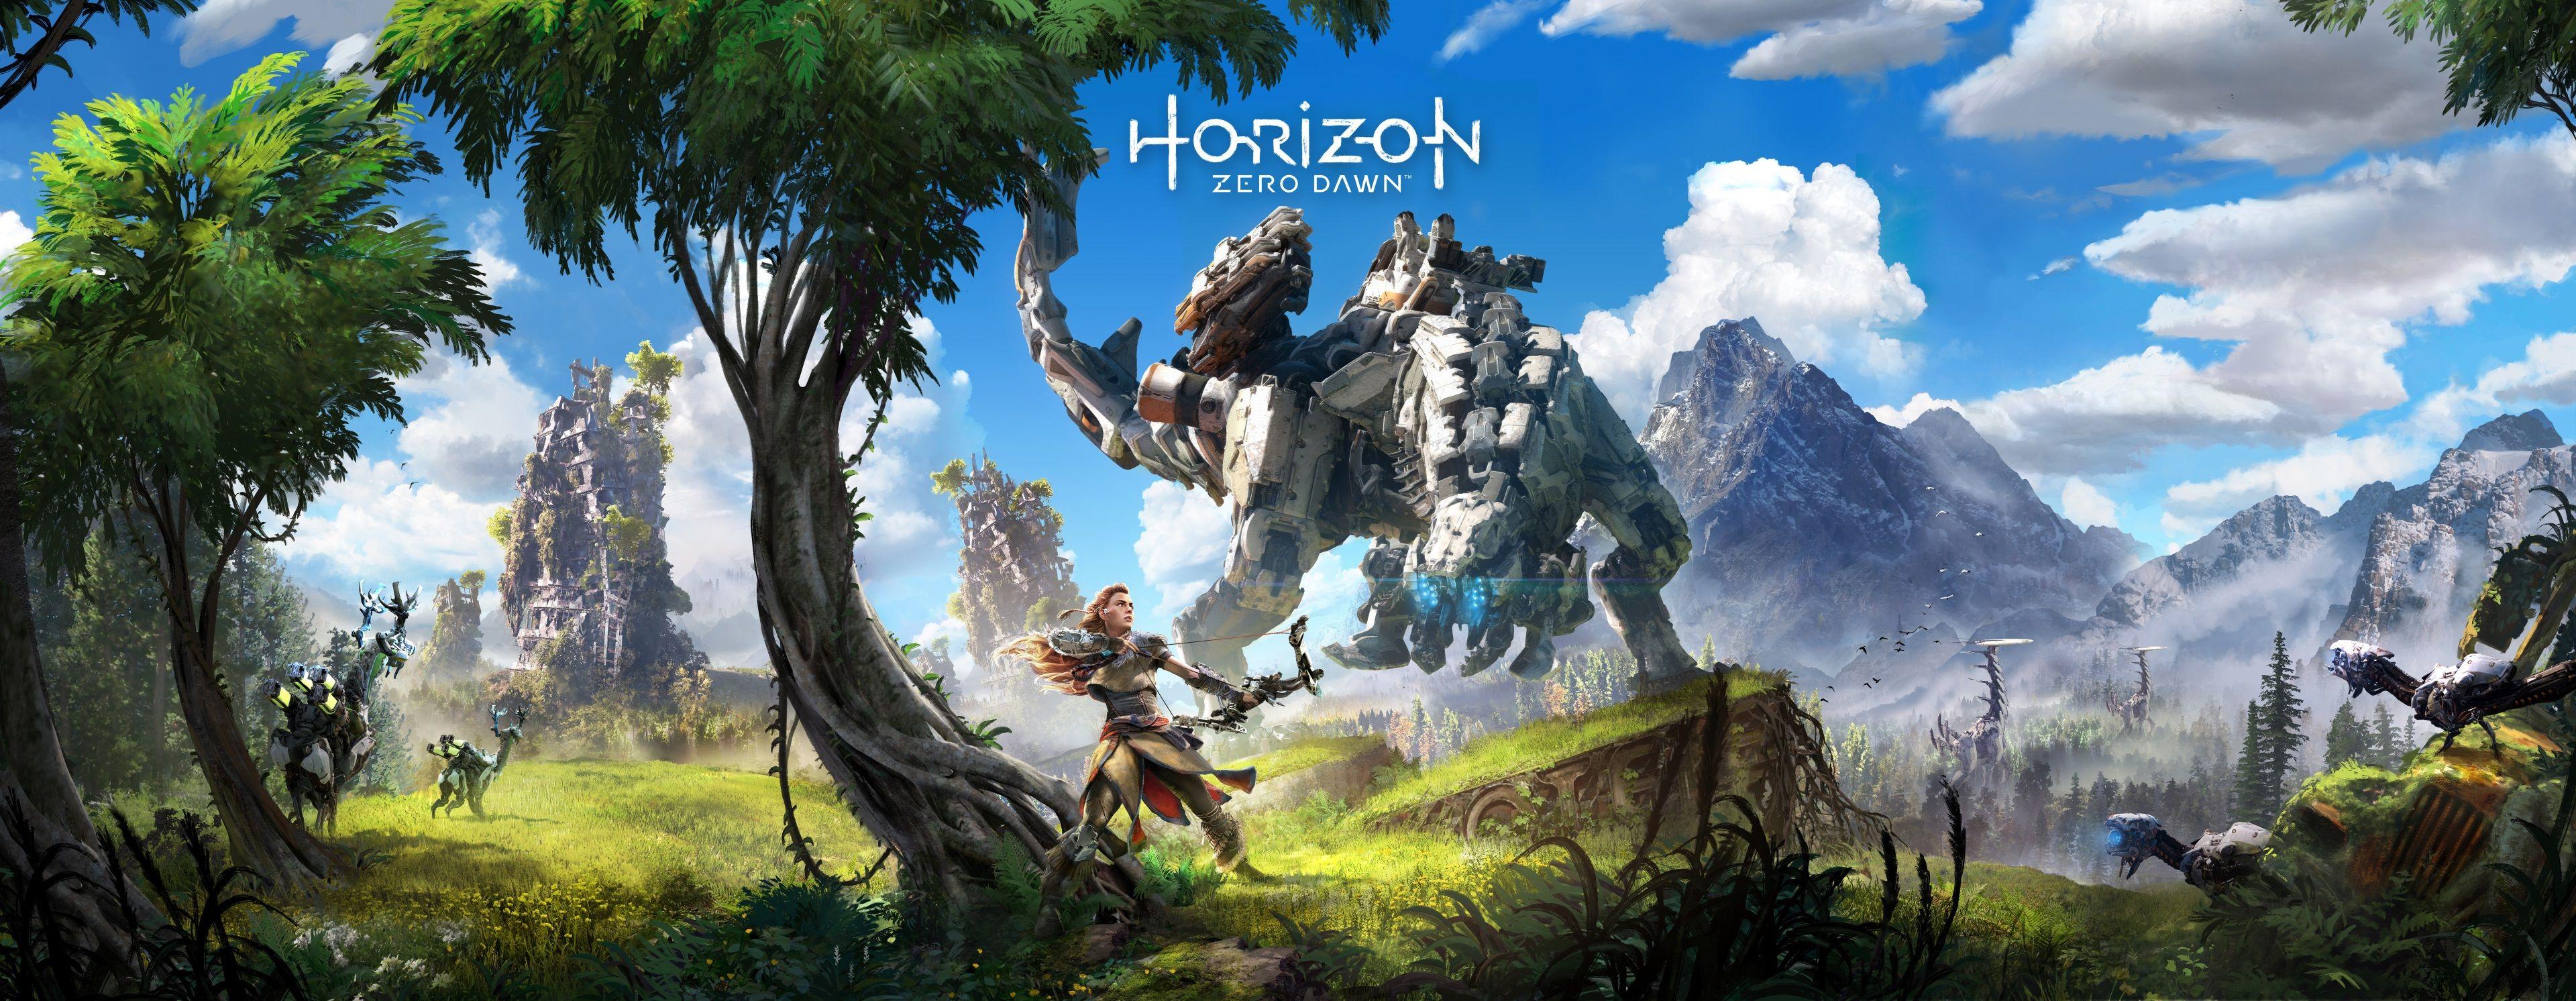 3840x1492 Horizon Zero Dawn 4k Wallpaper Free Download Horizon Zero Dawn Wallpaper Gaming Wallpapers Digital Wallpaper